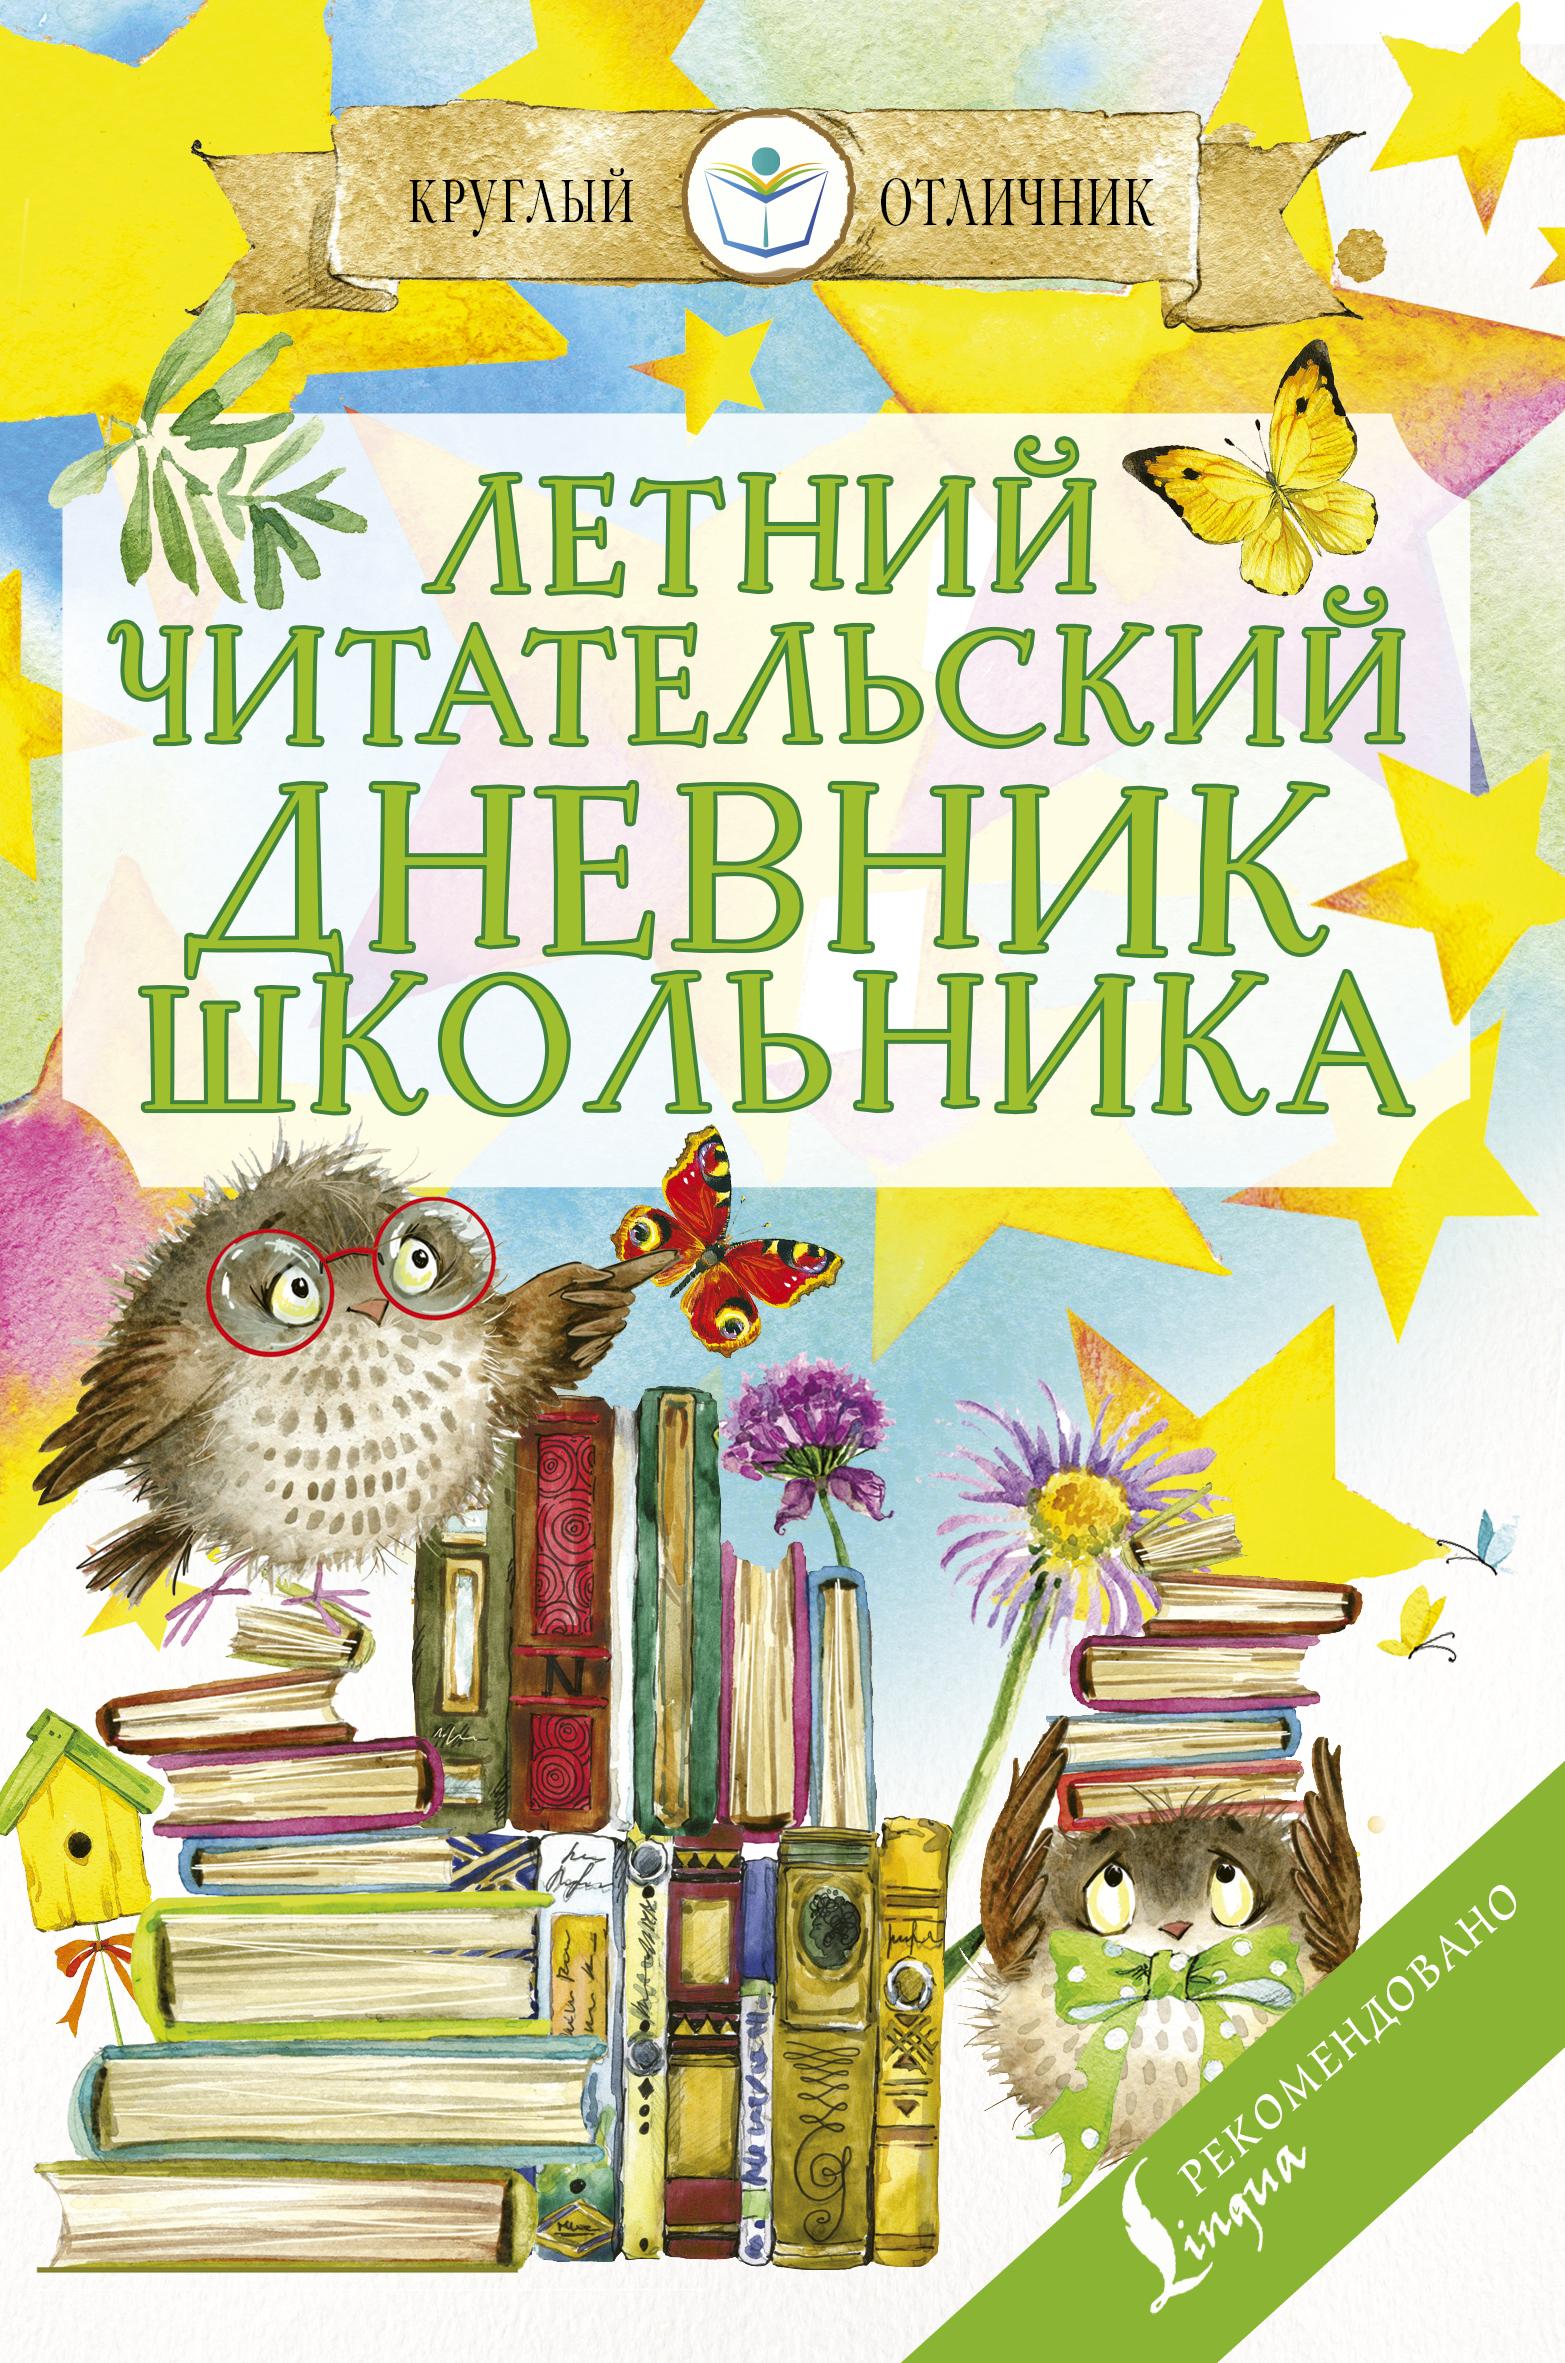 Фото - . Летний читательский дневник школьника е а маханова читательский дневник школьника